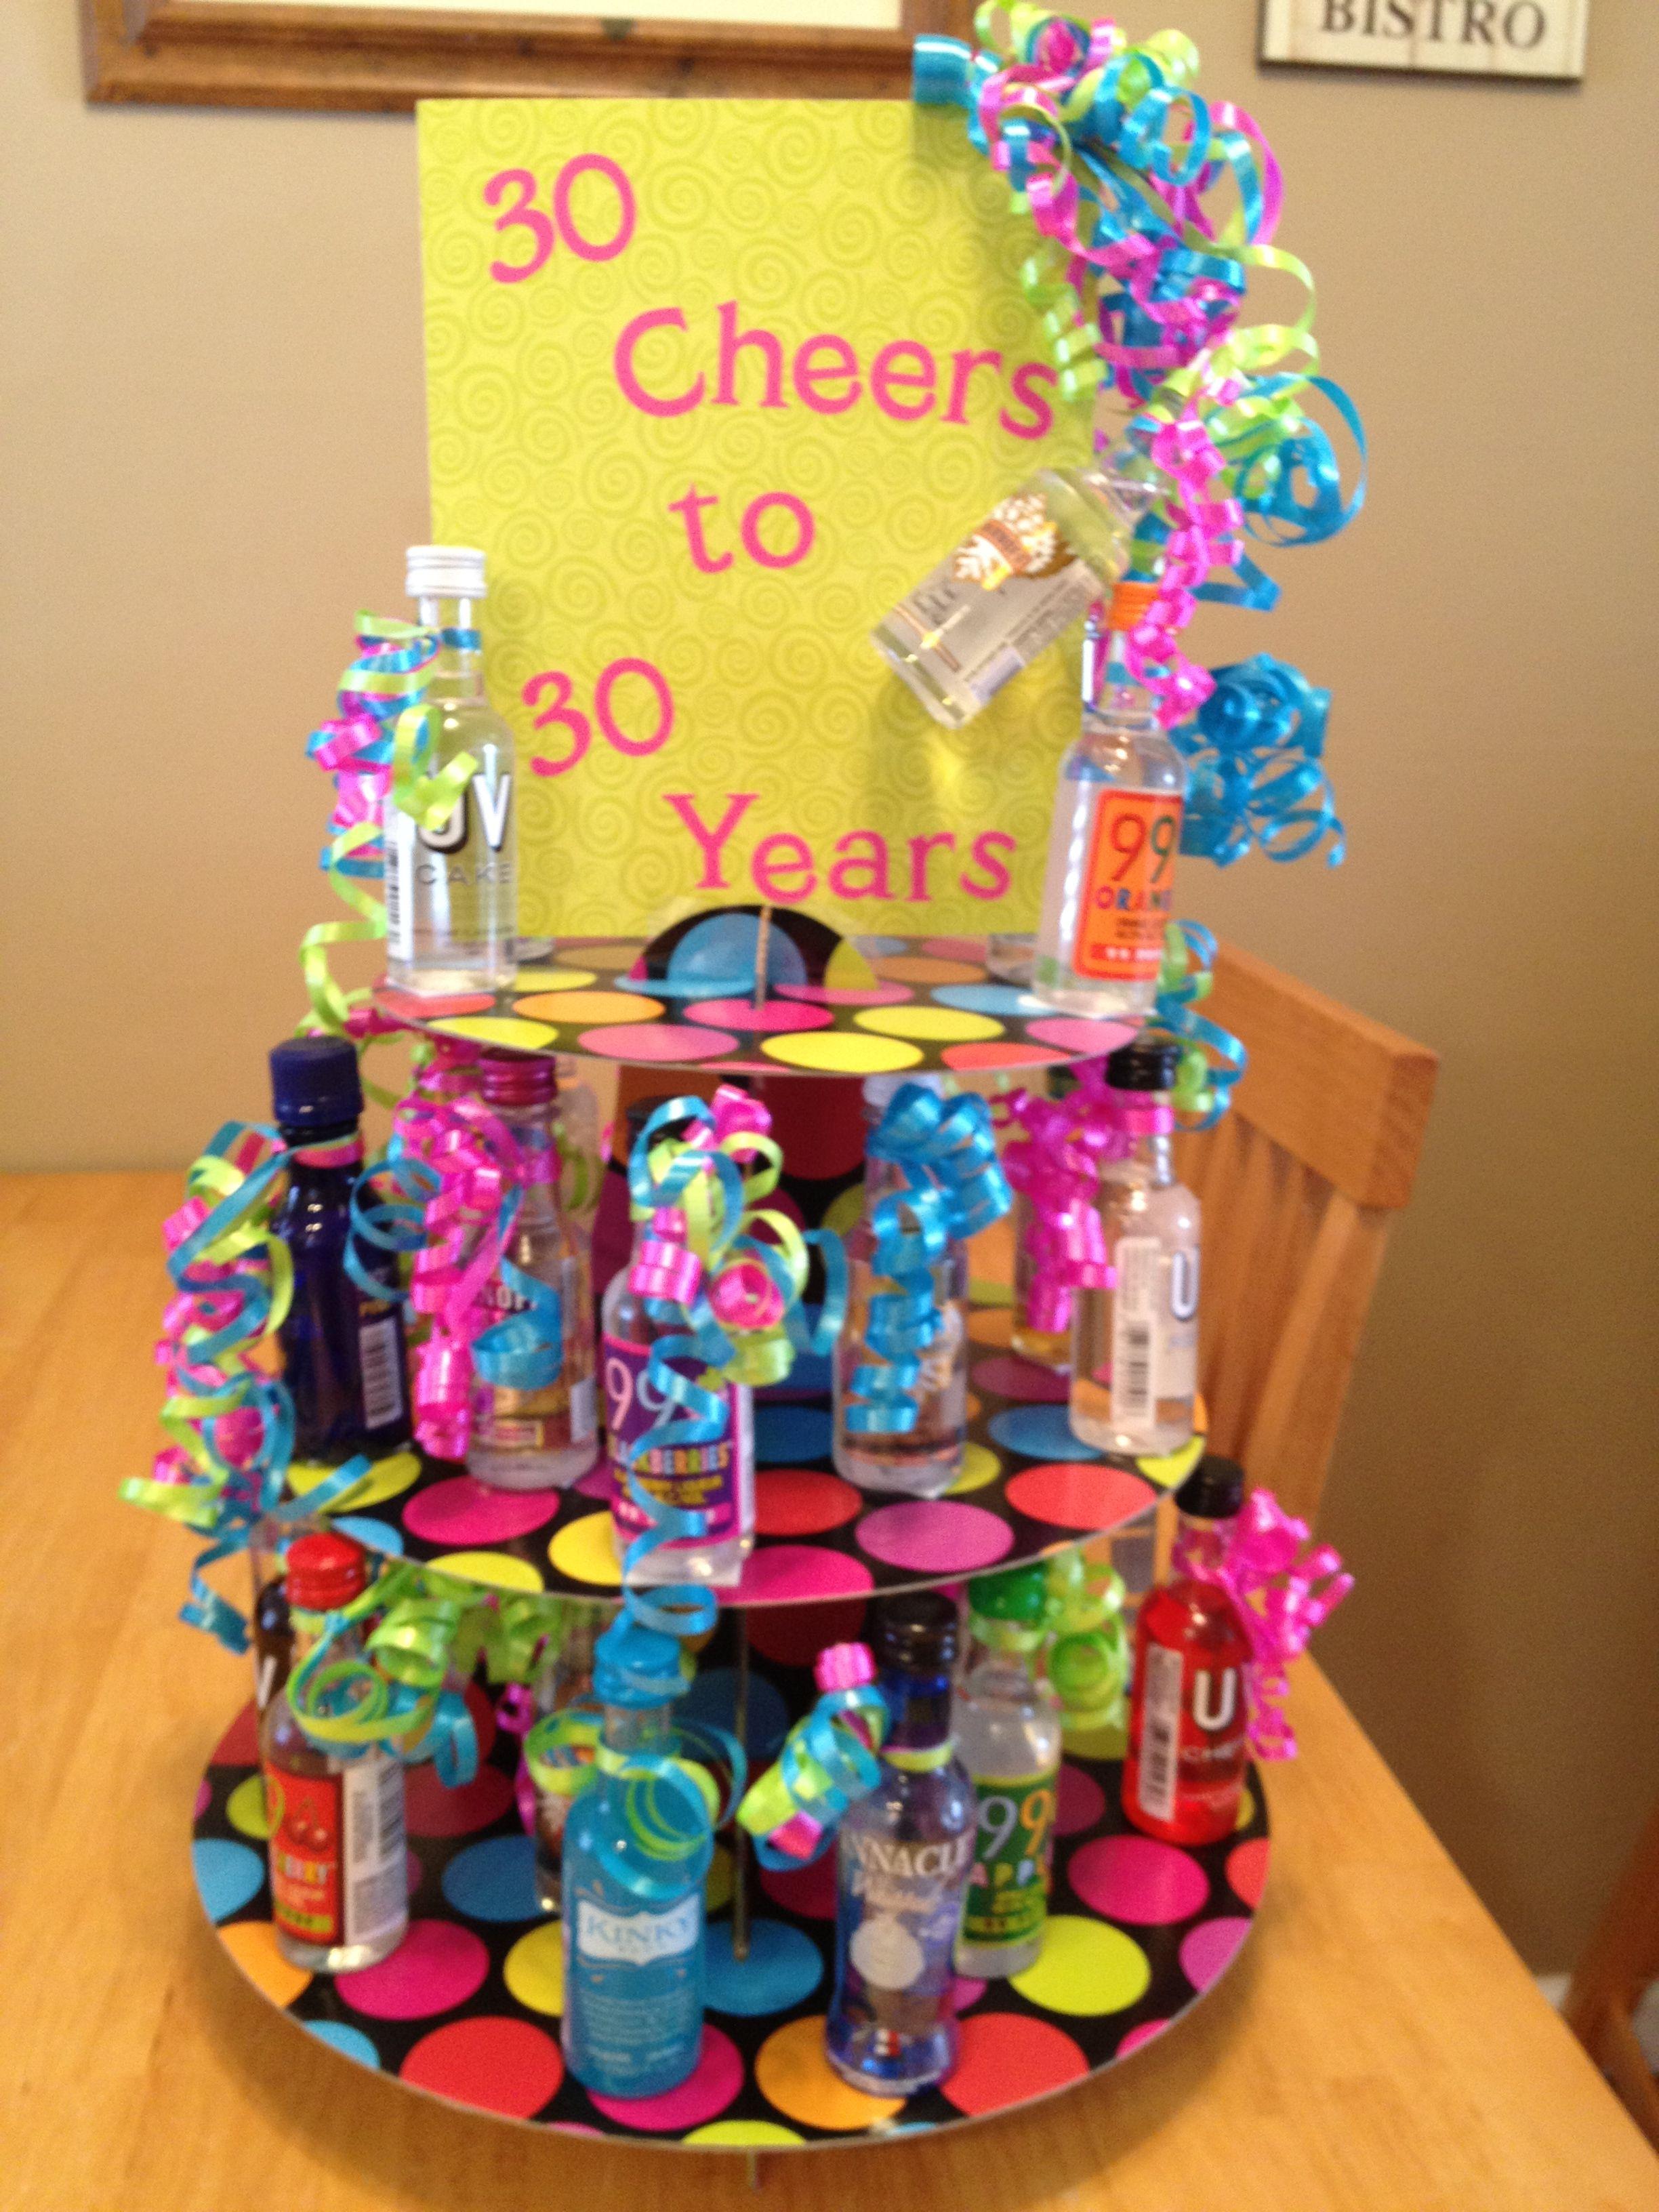 30 Cheers to 30 Years! 30th Birthday gift Birthdays